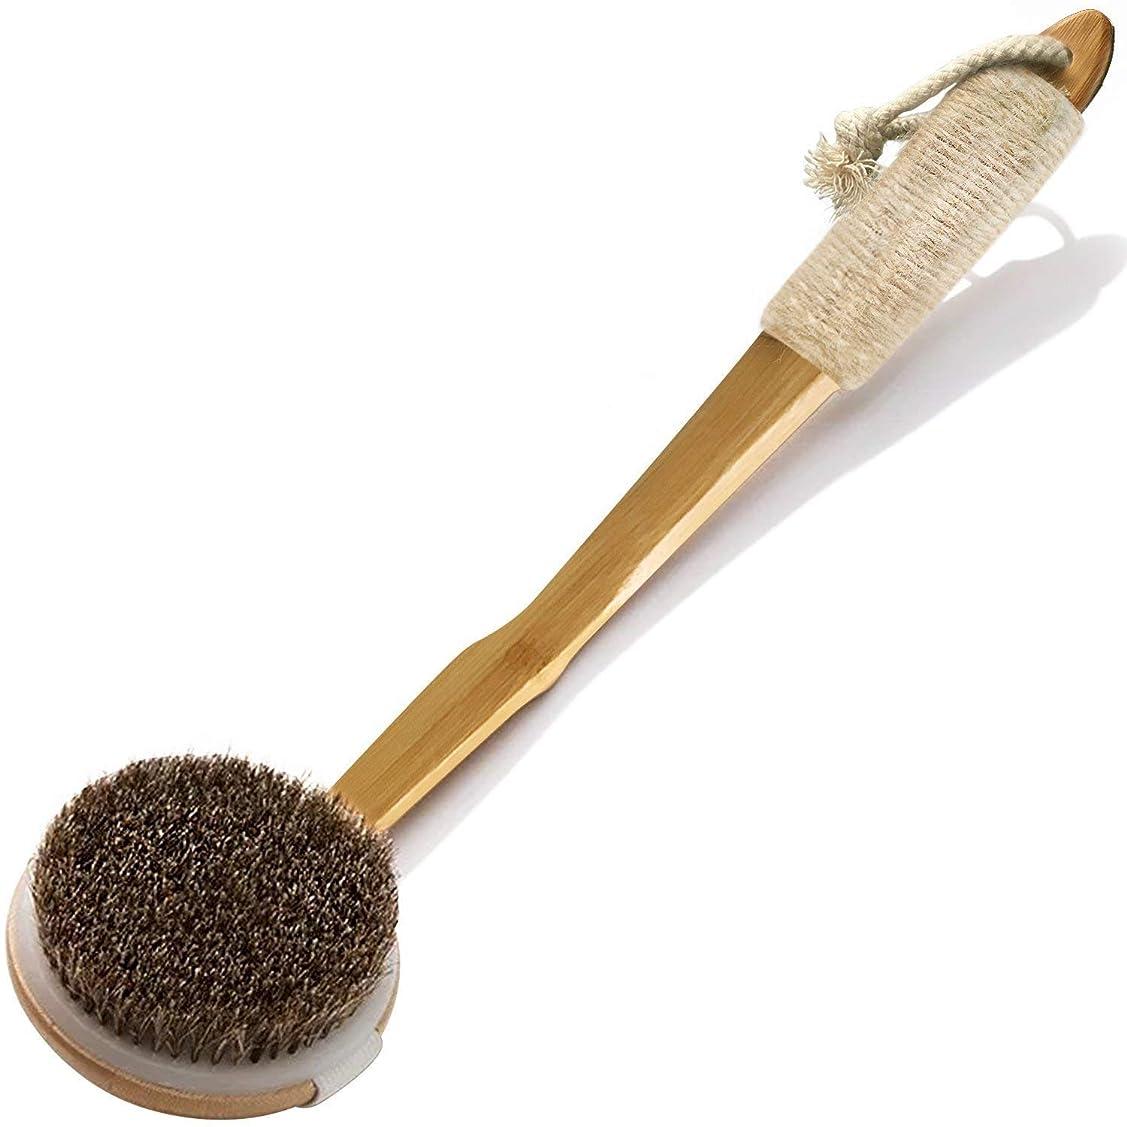 変な窒素国勢調査ボディブラシ 天然素材100% 馬毛 背中ブラシ 抗菌加工済み楠竹製 カーブしている長柄 滑り止め 取り外し可能なブラシ 角質除去 深く清潔 体洗いブラシ